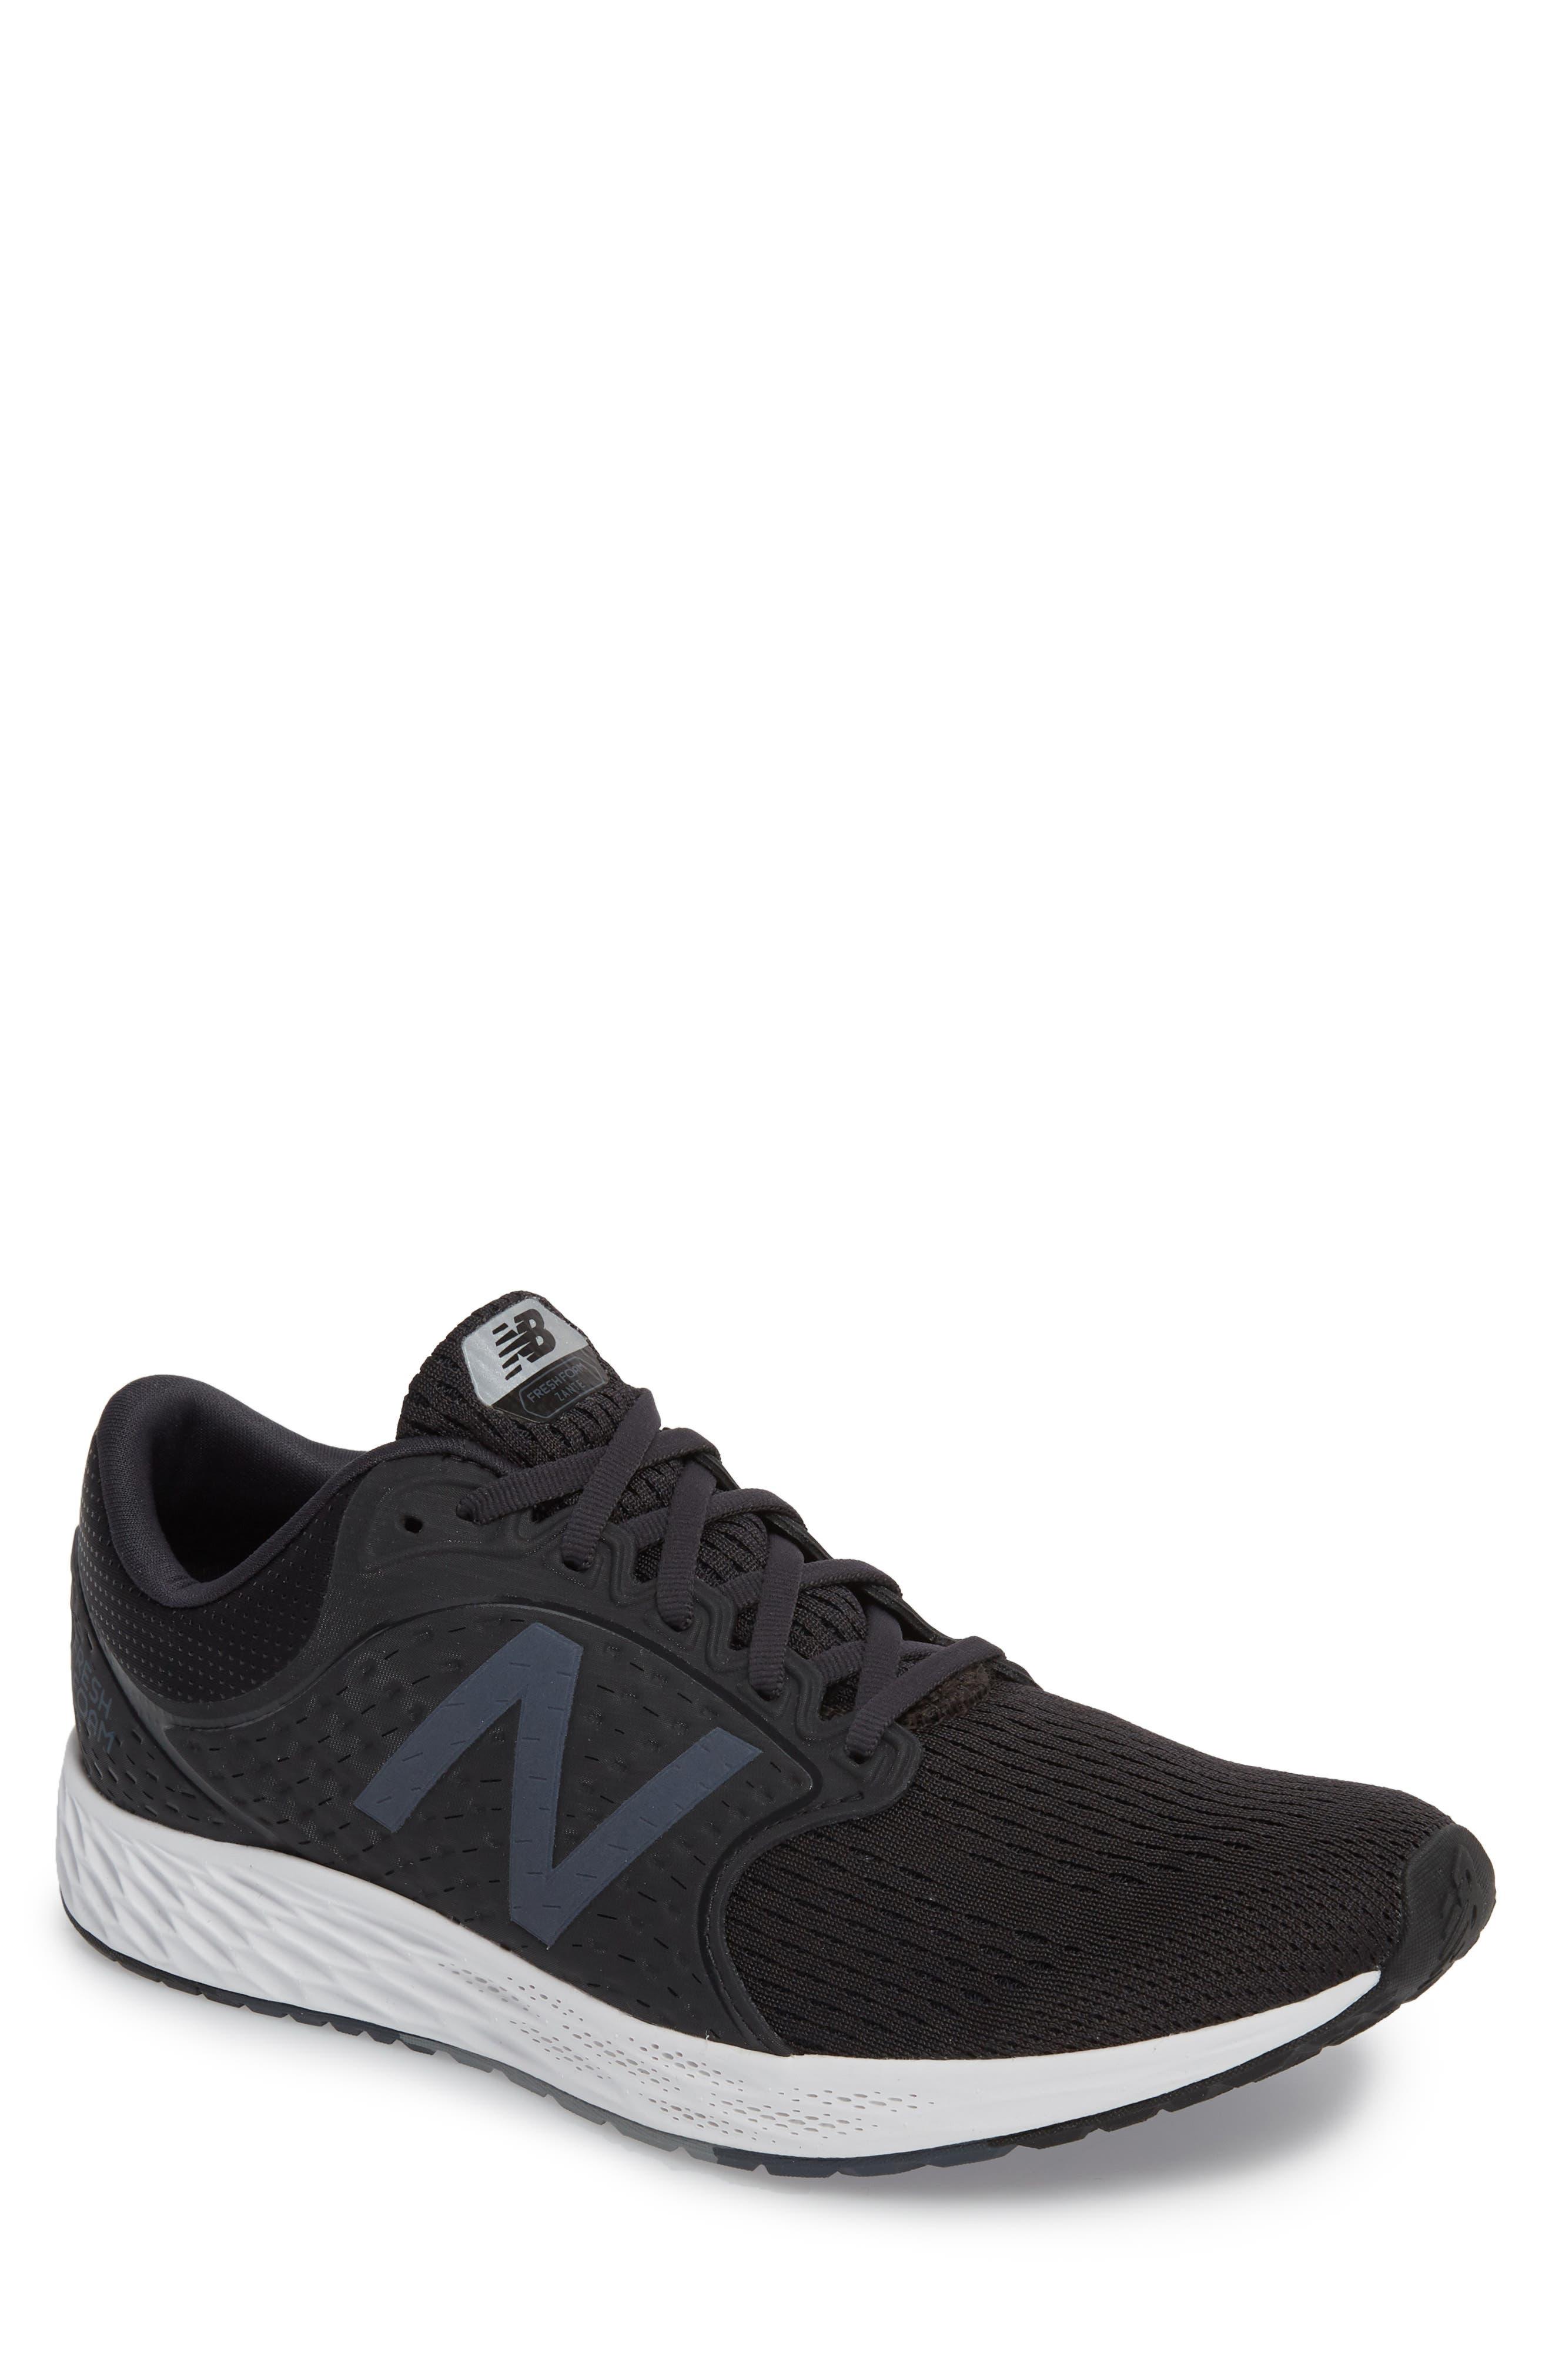 Fresh Foam Zante v4 Sneaker,                         Main,                         color, Black